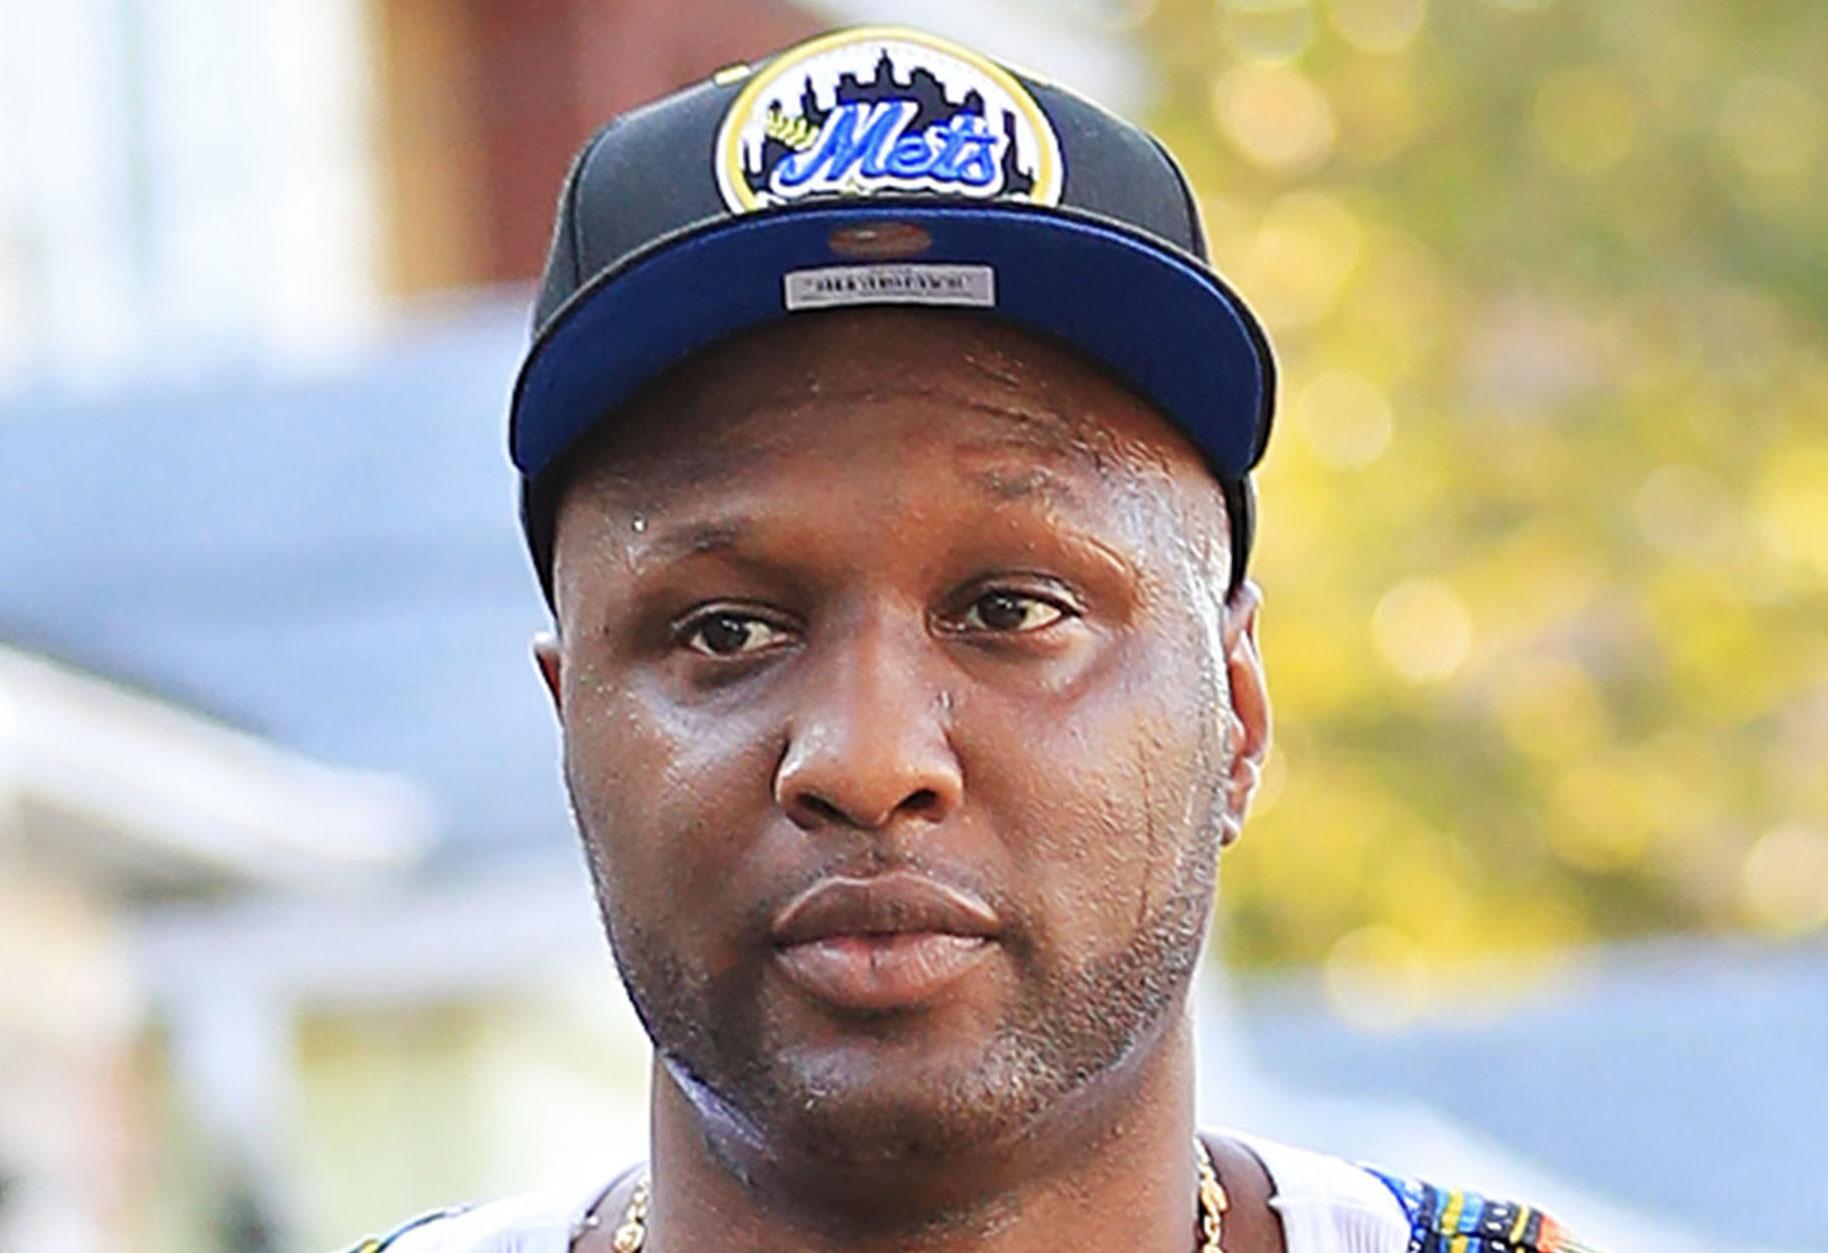 Lamar odom struggles post overdose workout video 01